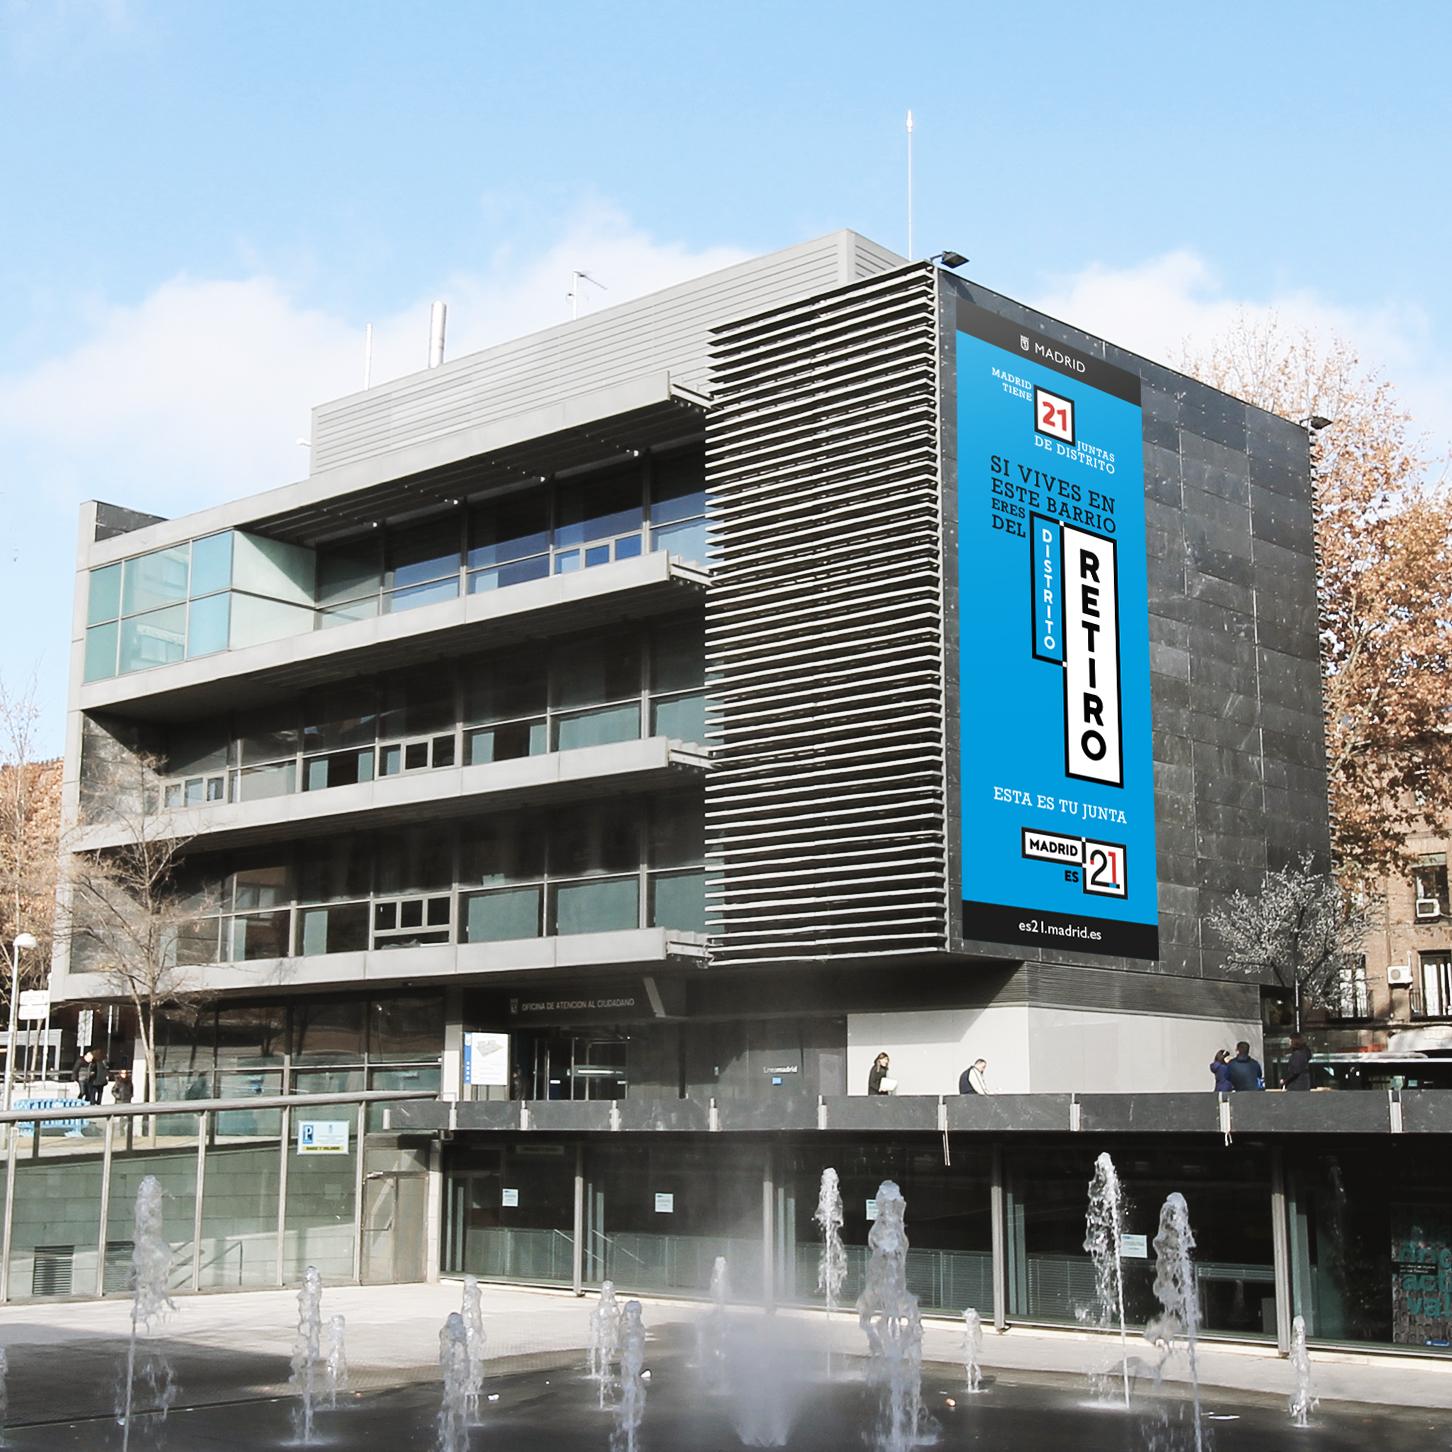 AYUNTAMIENTO DE MADRID<BR>&#8220;MADRID ES 21&#8221;